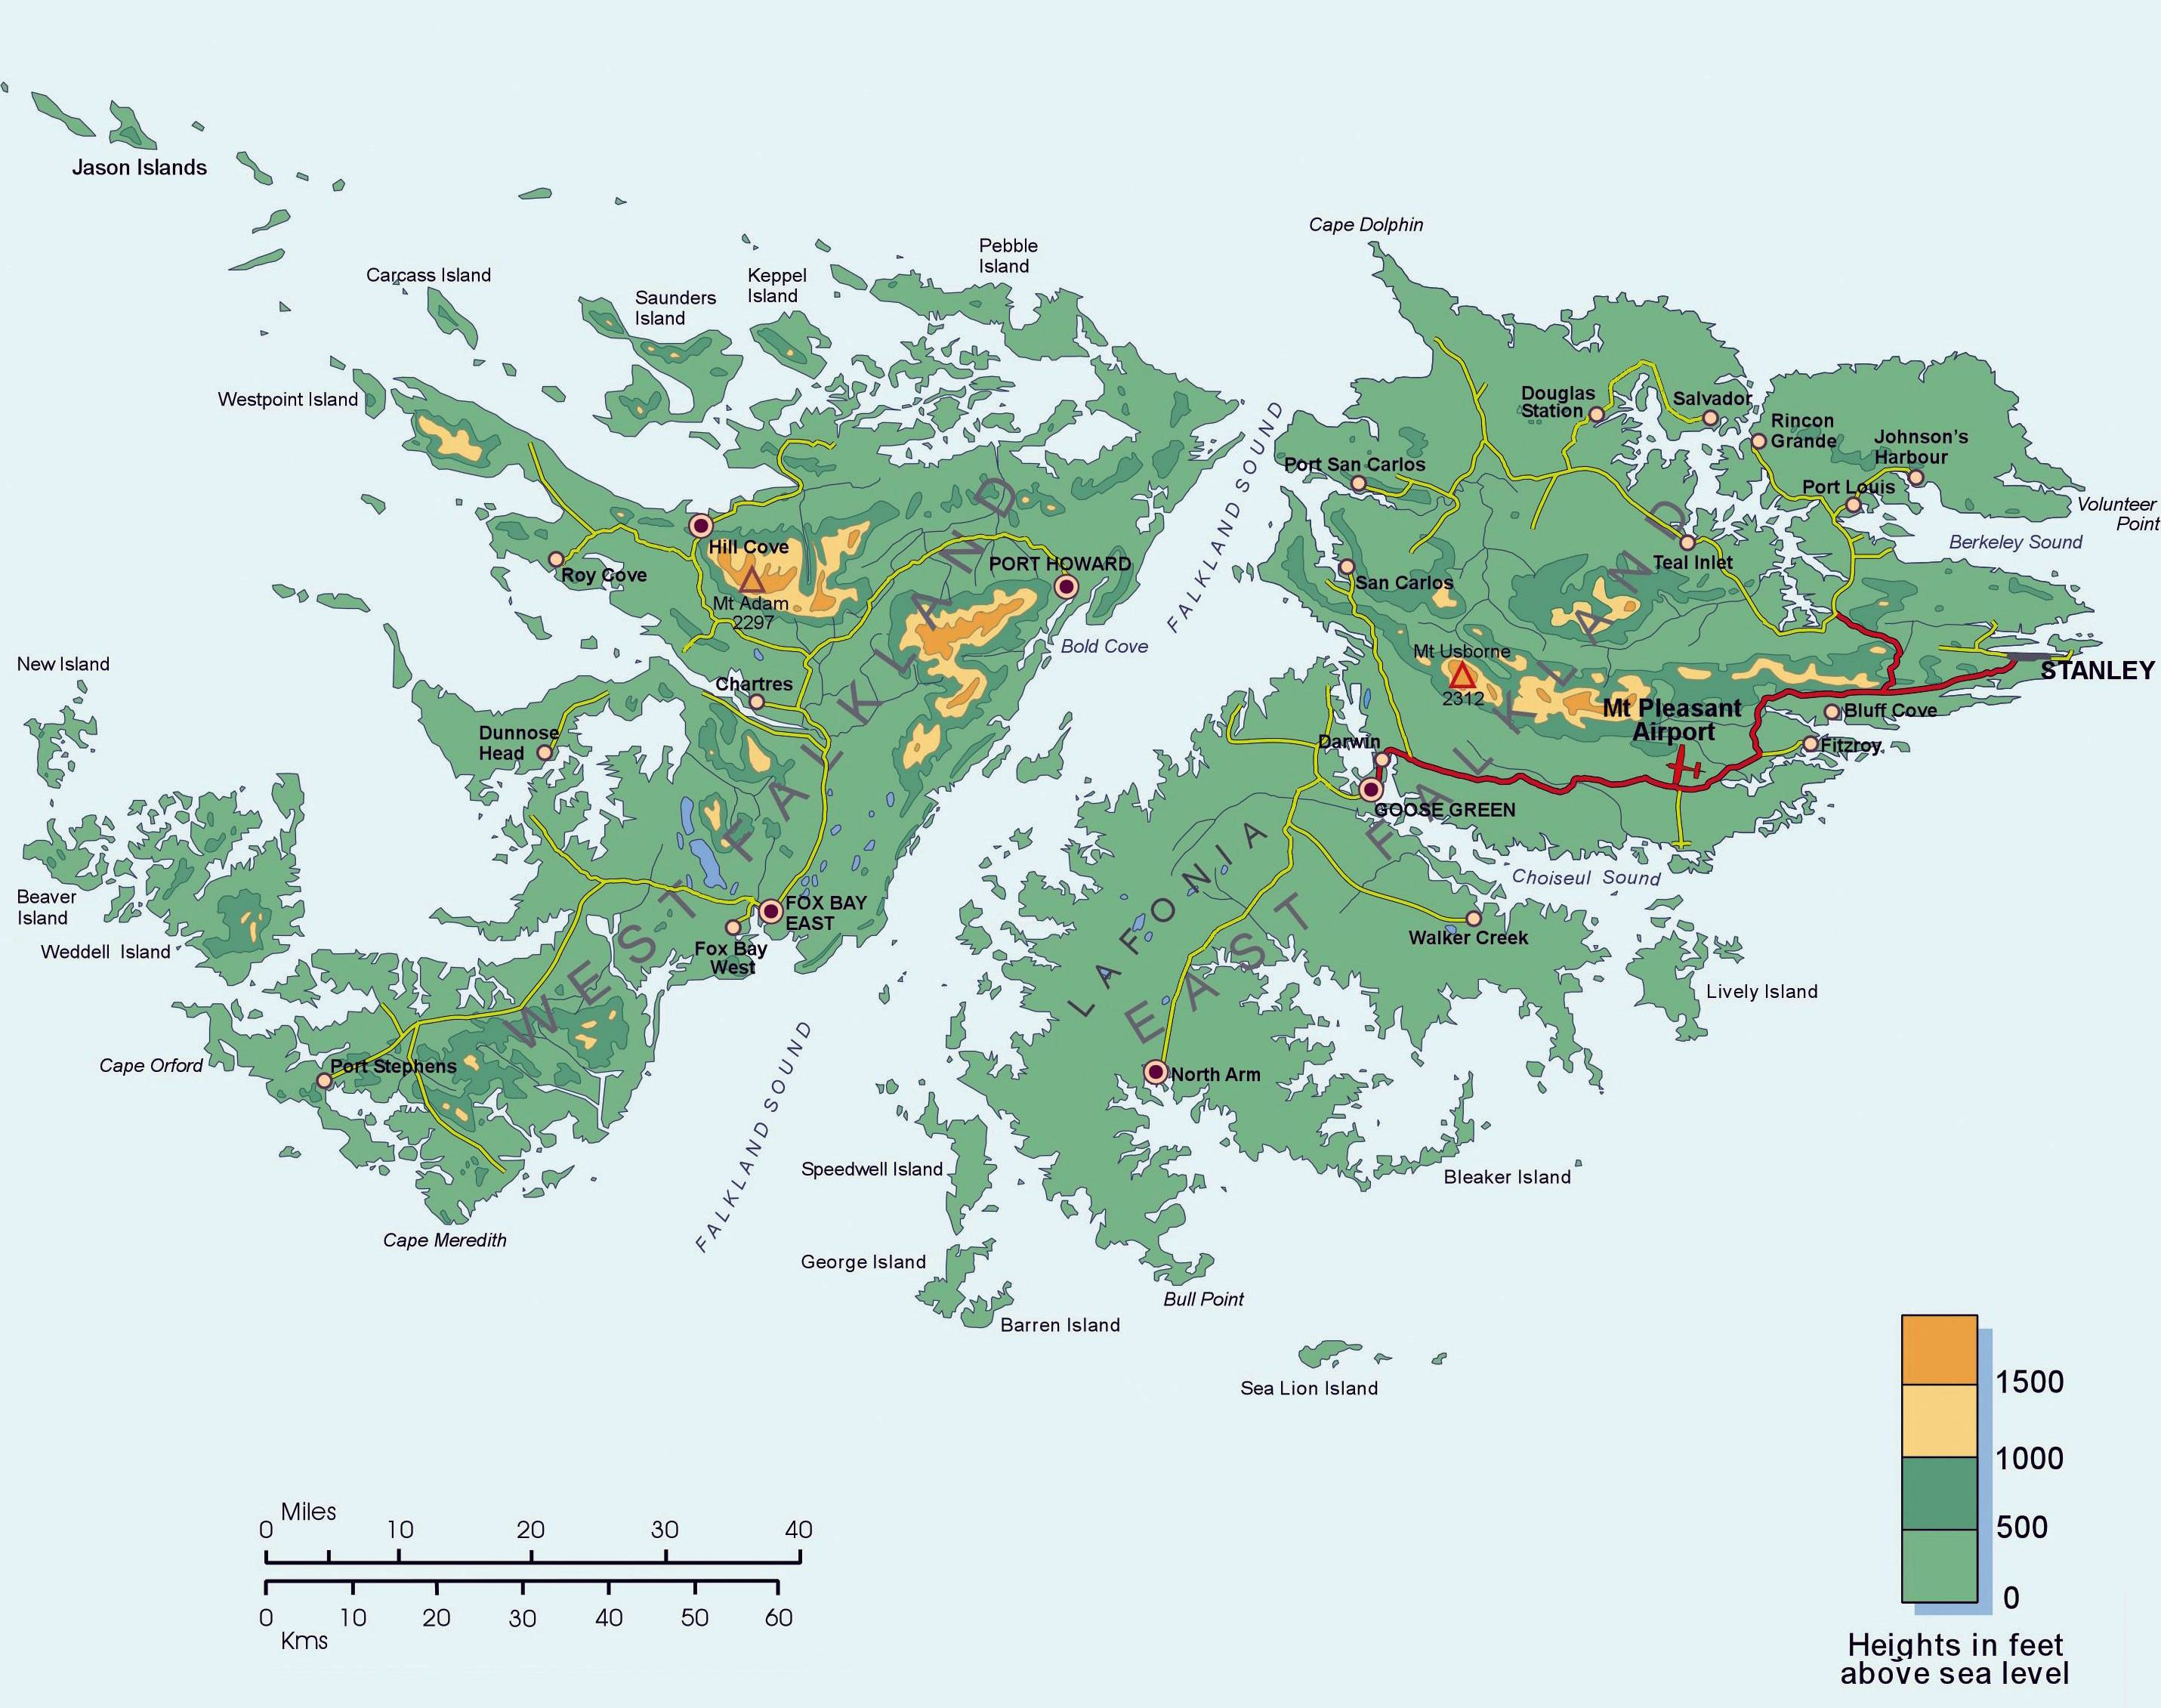 Carte géographique des Malouines